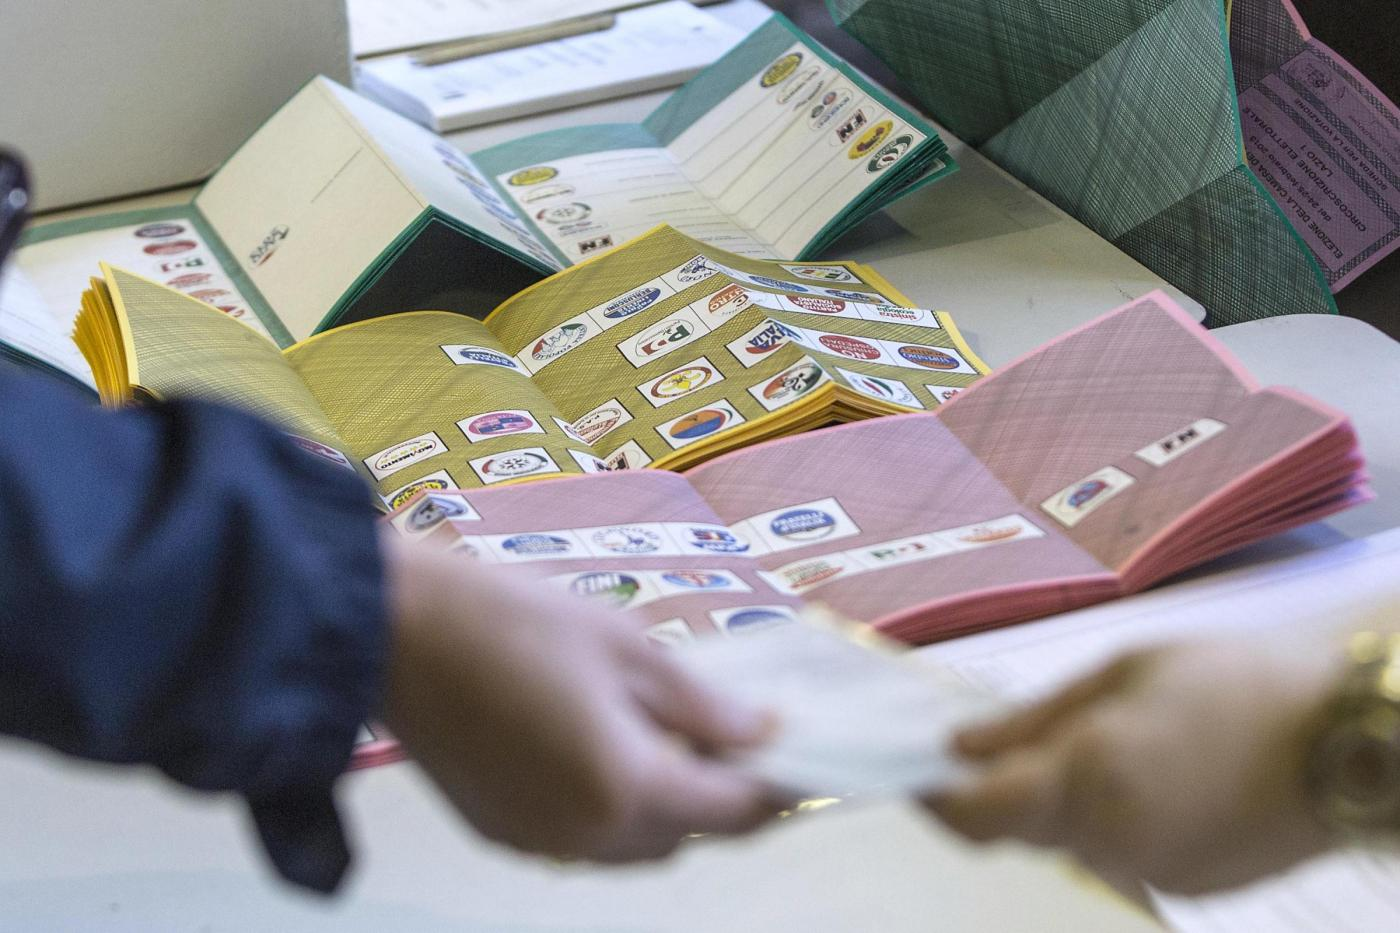 Sondaggi politici elettorali 7 febbraio: caso Raggi non danneggia i 5 Stelle